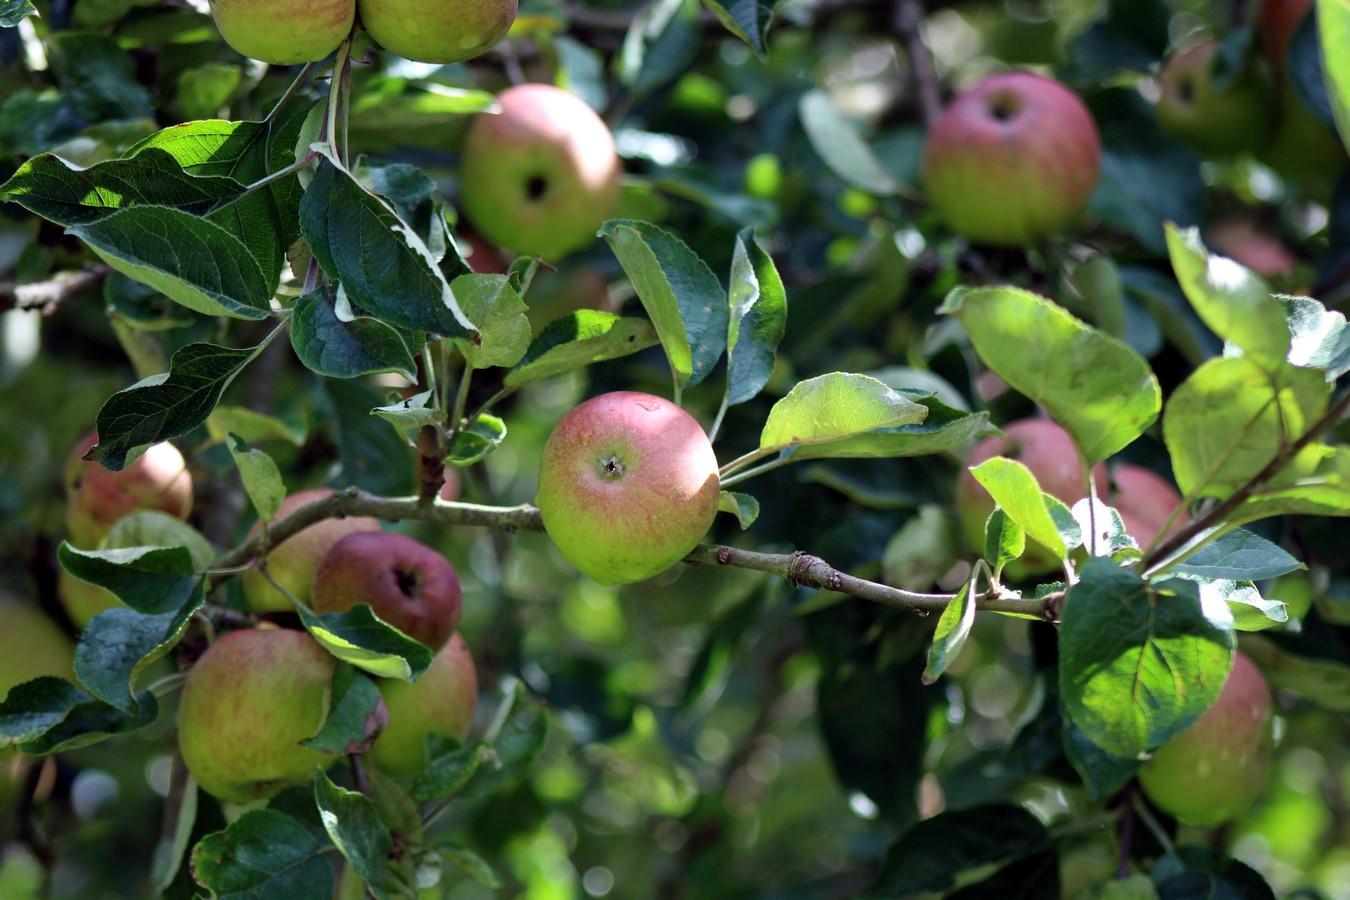 [Fil ouvert] Fruit sur l'arbre - Page 9 772485016Copier